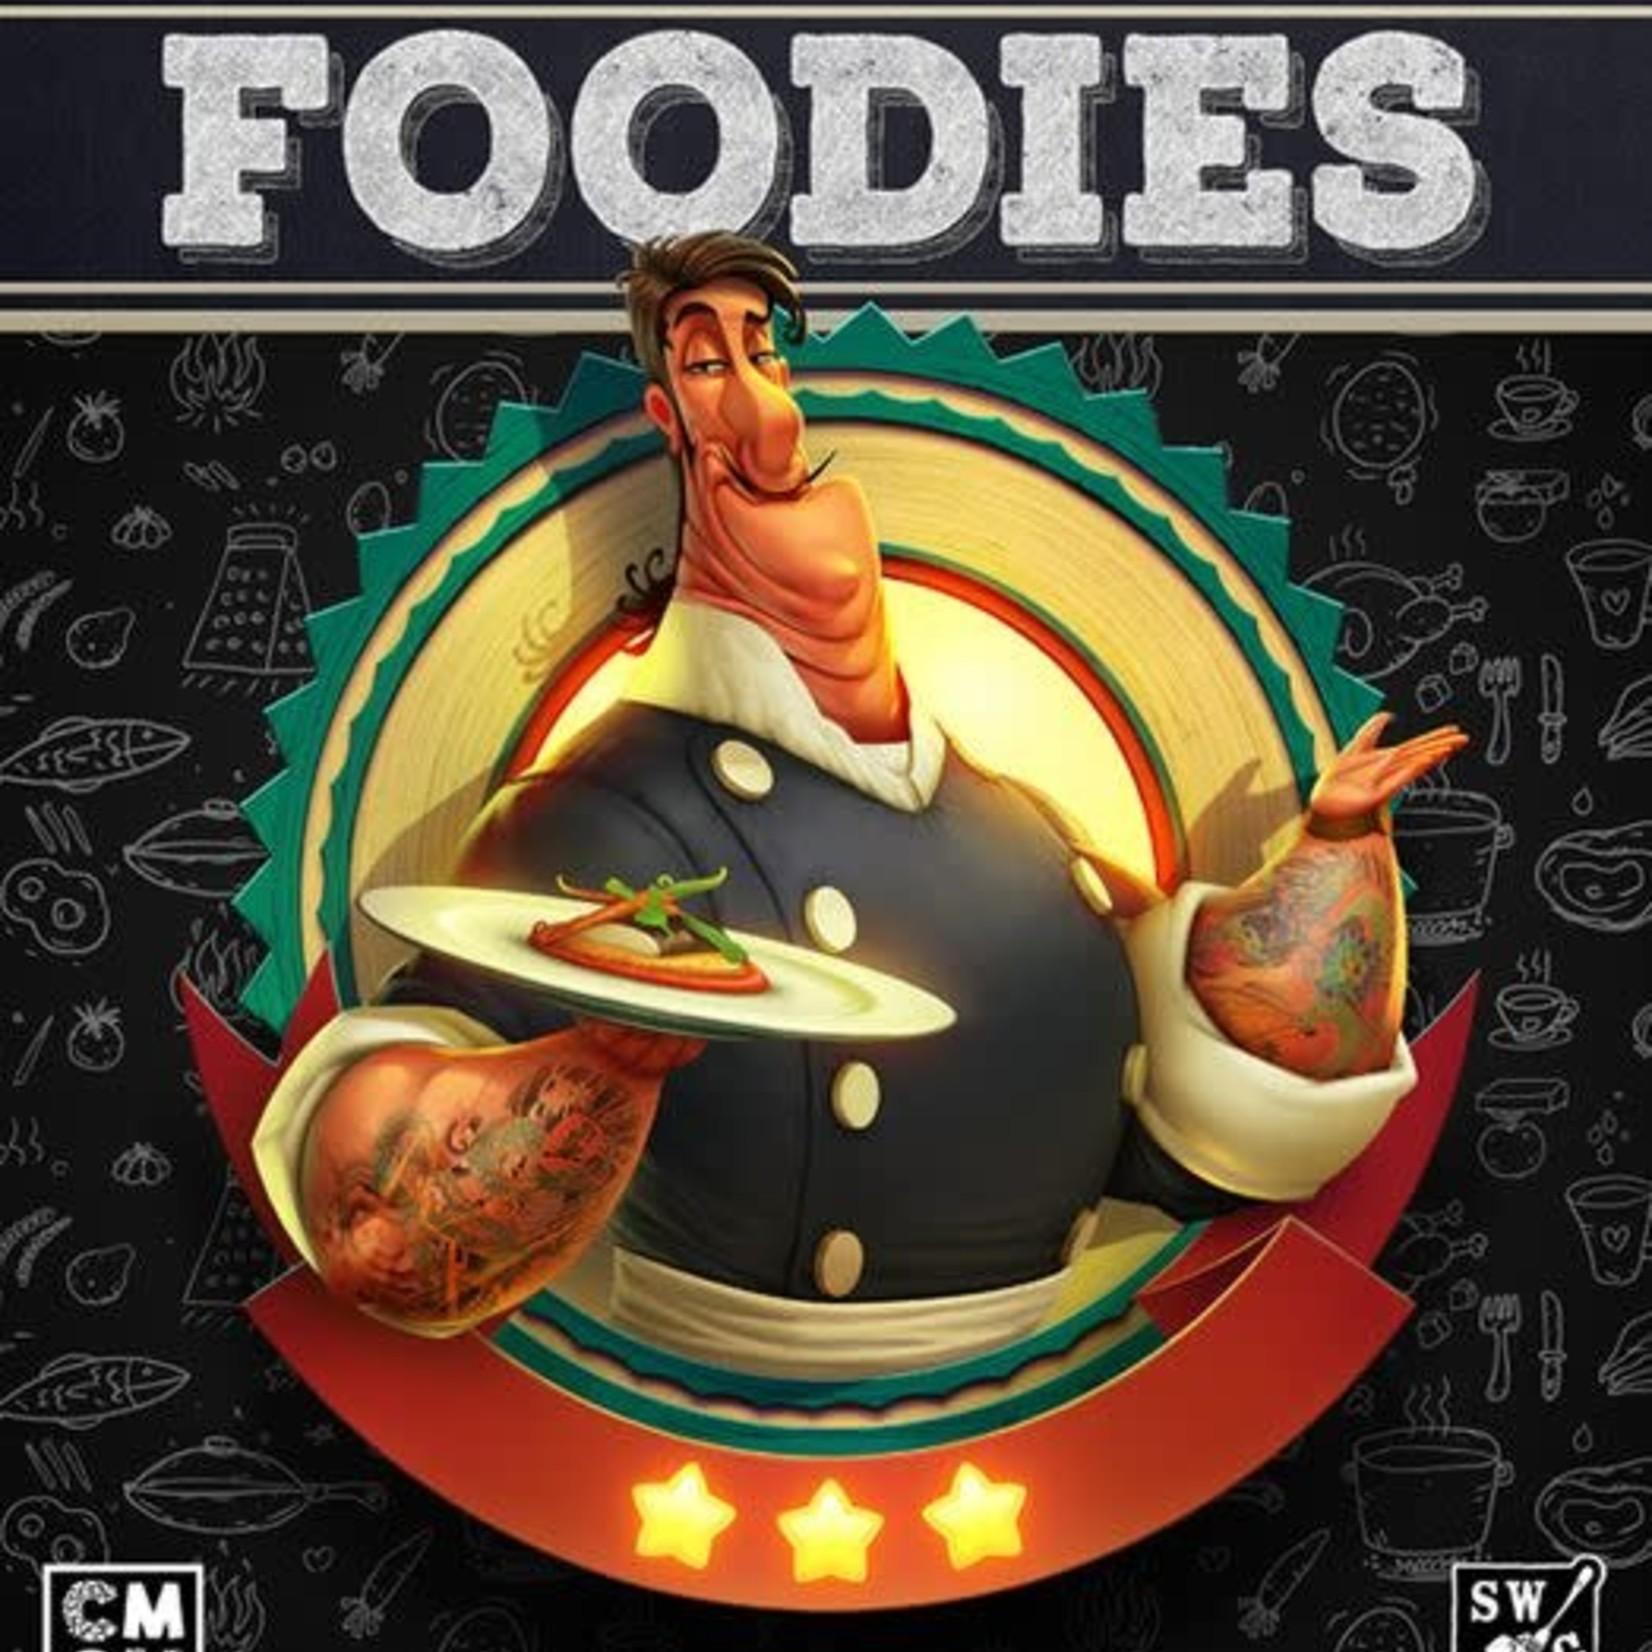 Asmodee Foodies